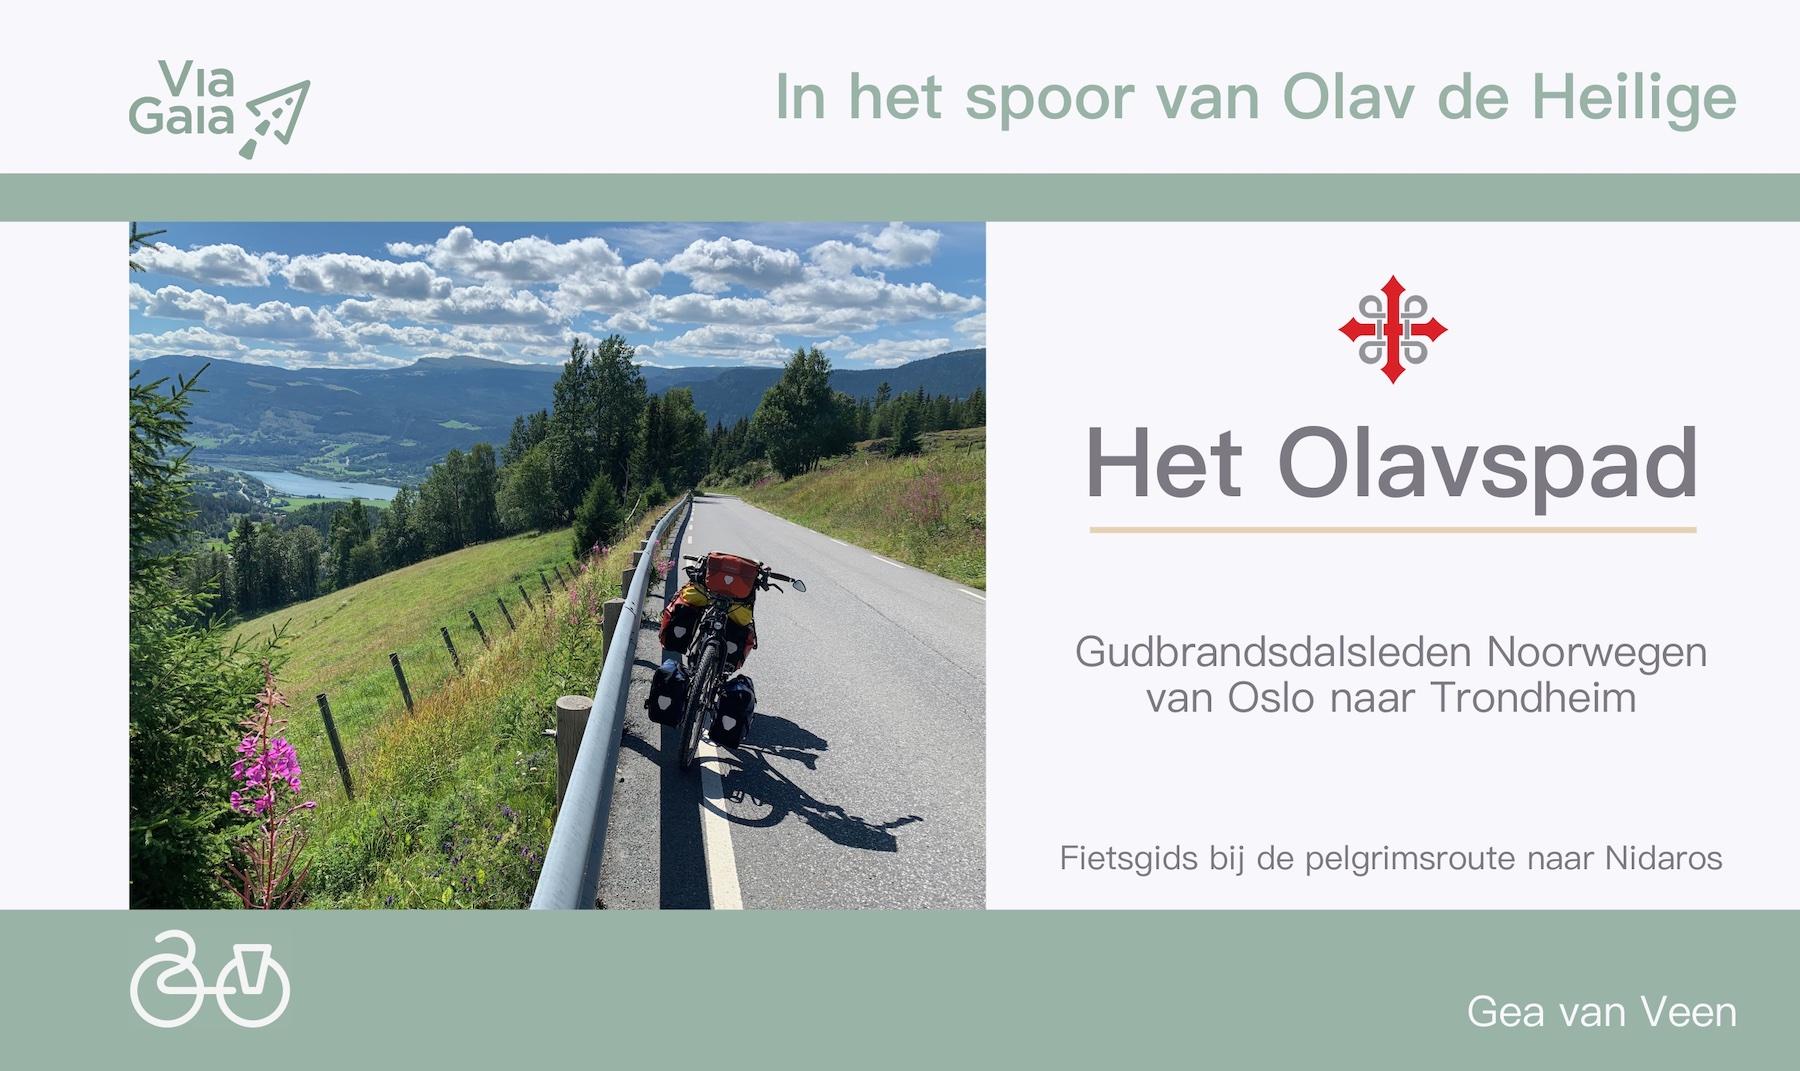 Het Olavspad - Van Oslo naar Trondheim.